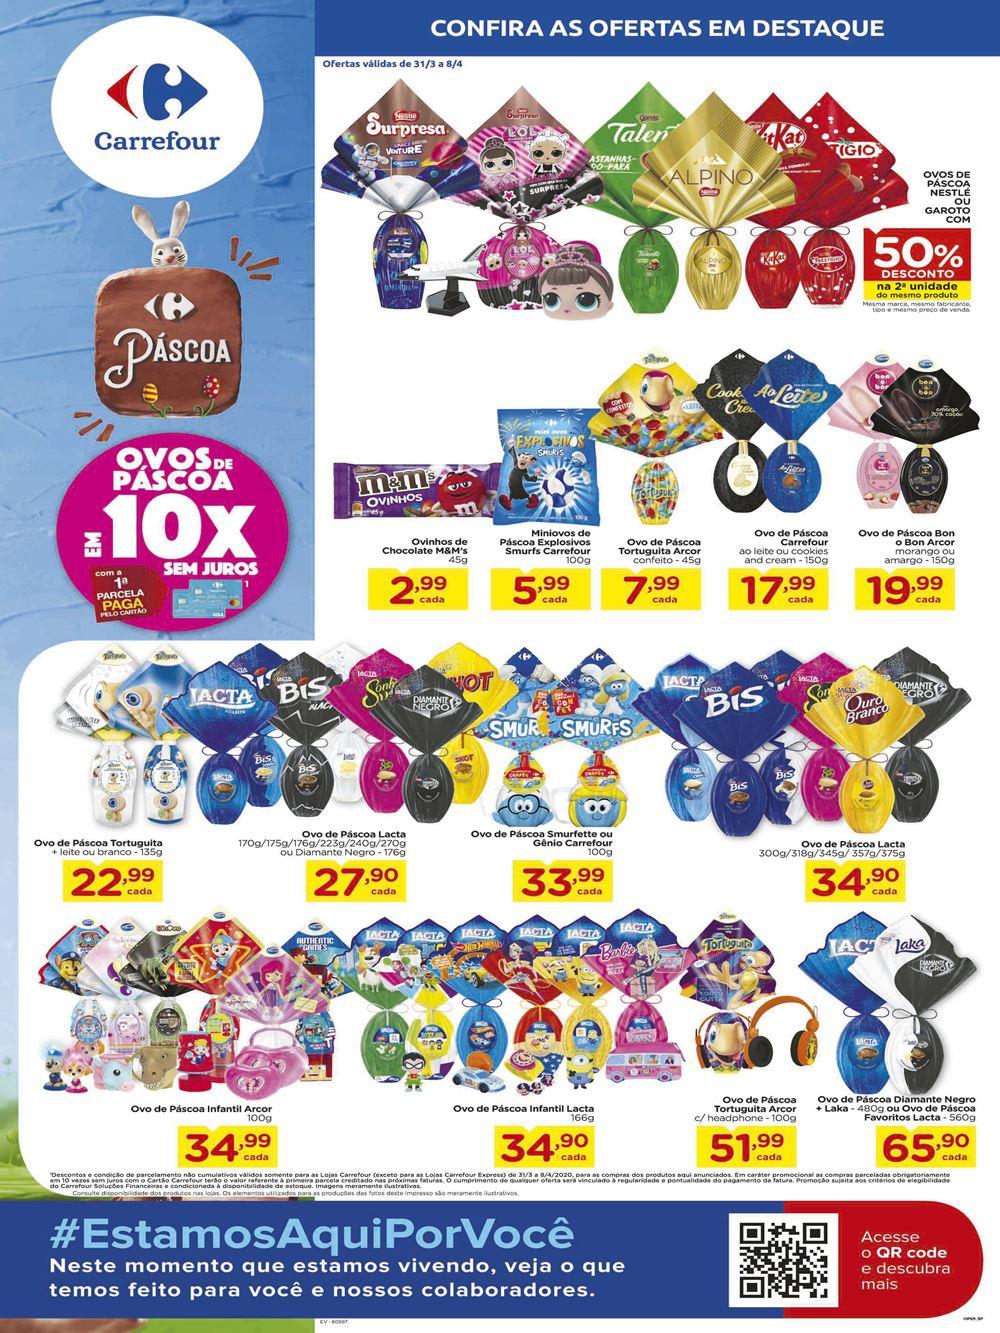 Novo Folheto Carrefour Páscoa hoje ofertas até 08 de Abril: confira